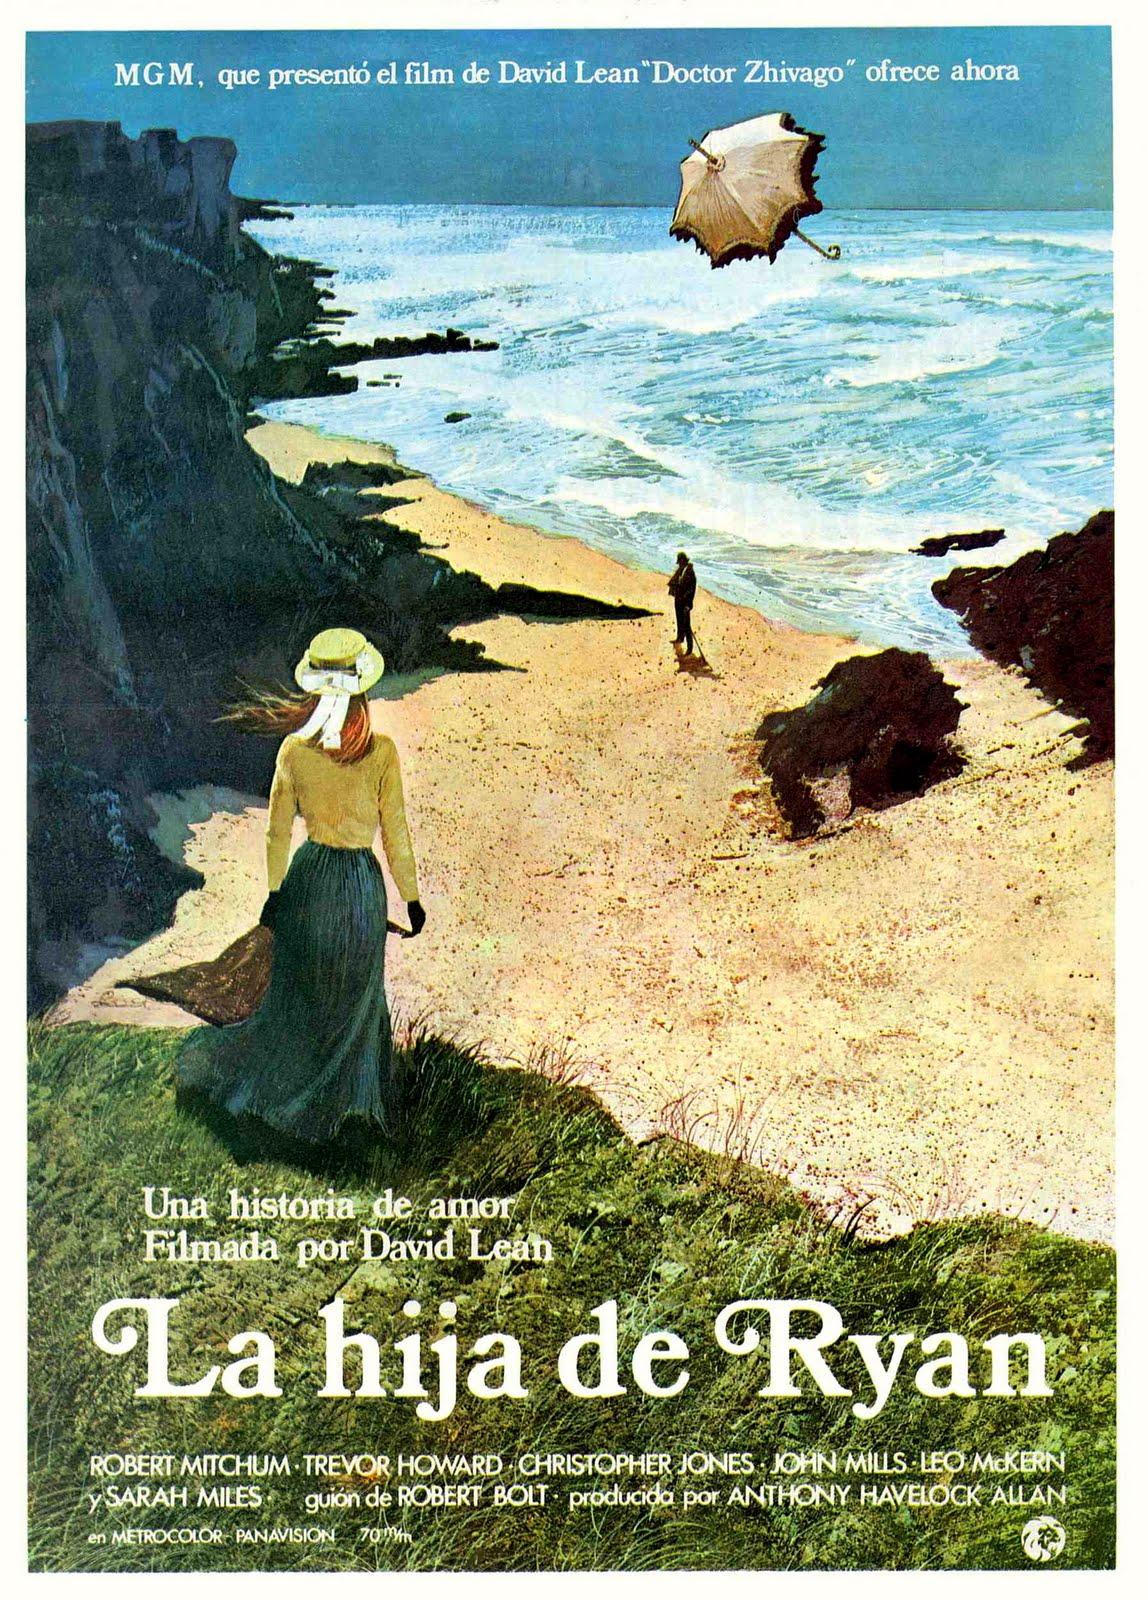 http://3.bp.blogspot.com/_MRHfdUU5MyU/Sy5SepzoGTI/AAAAAAAAAGk/A41dEcGZ154/s1600/La+hija+de+Ryan+20.jpg